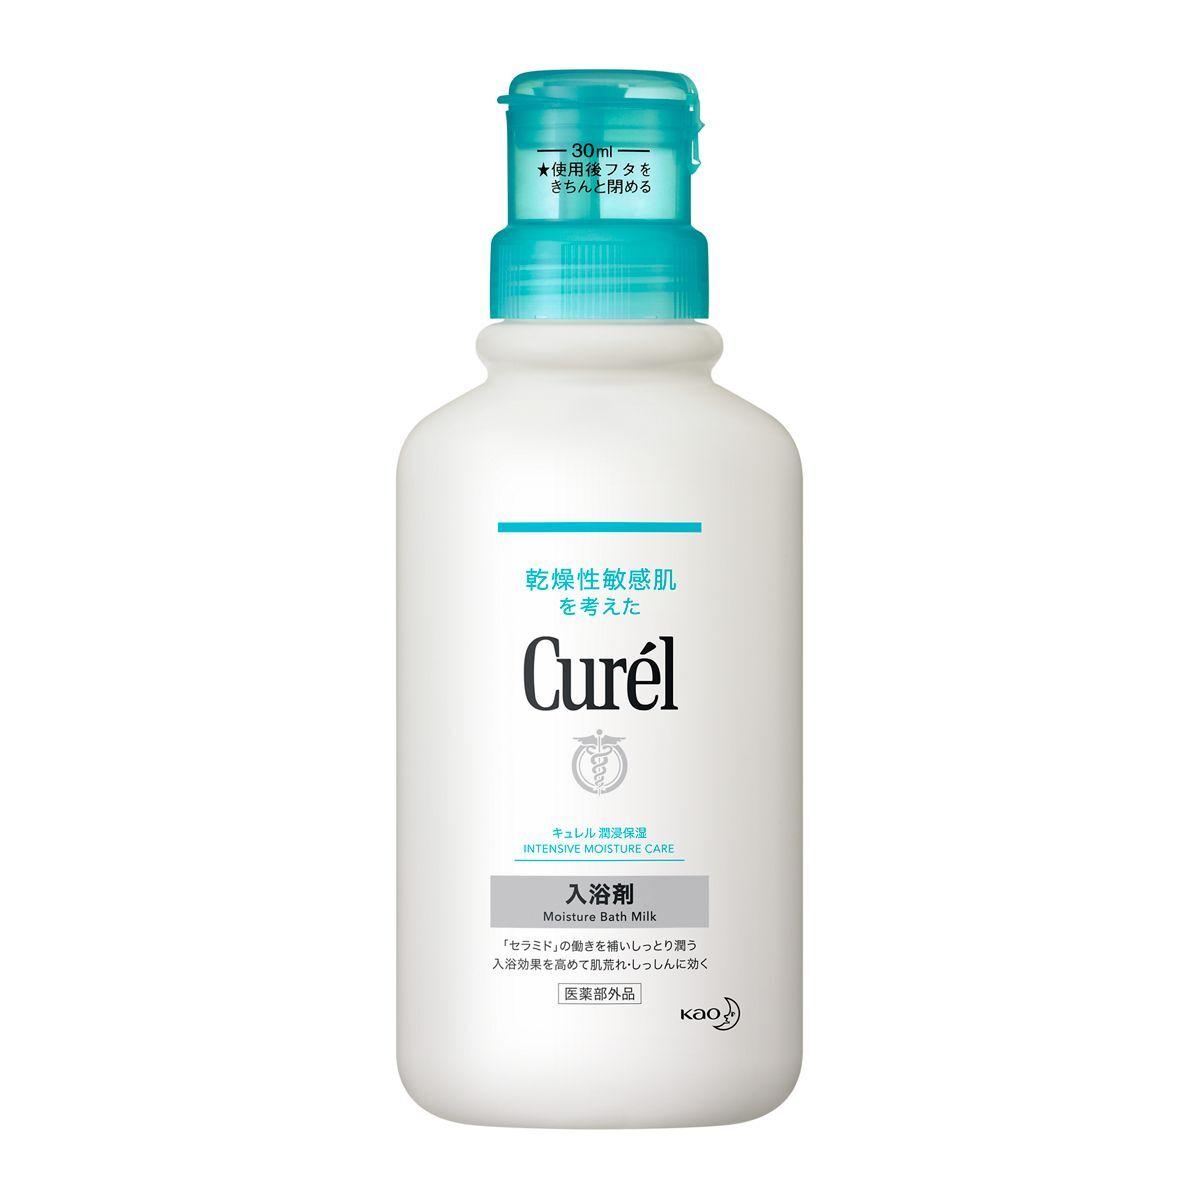 入浴効果を高める! Curél(キュレル)『キュレル 入浴剤』をレポに関する画像1